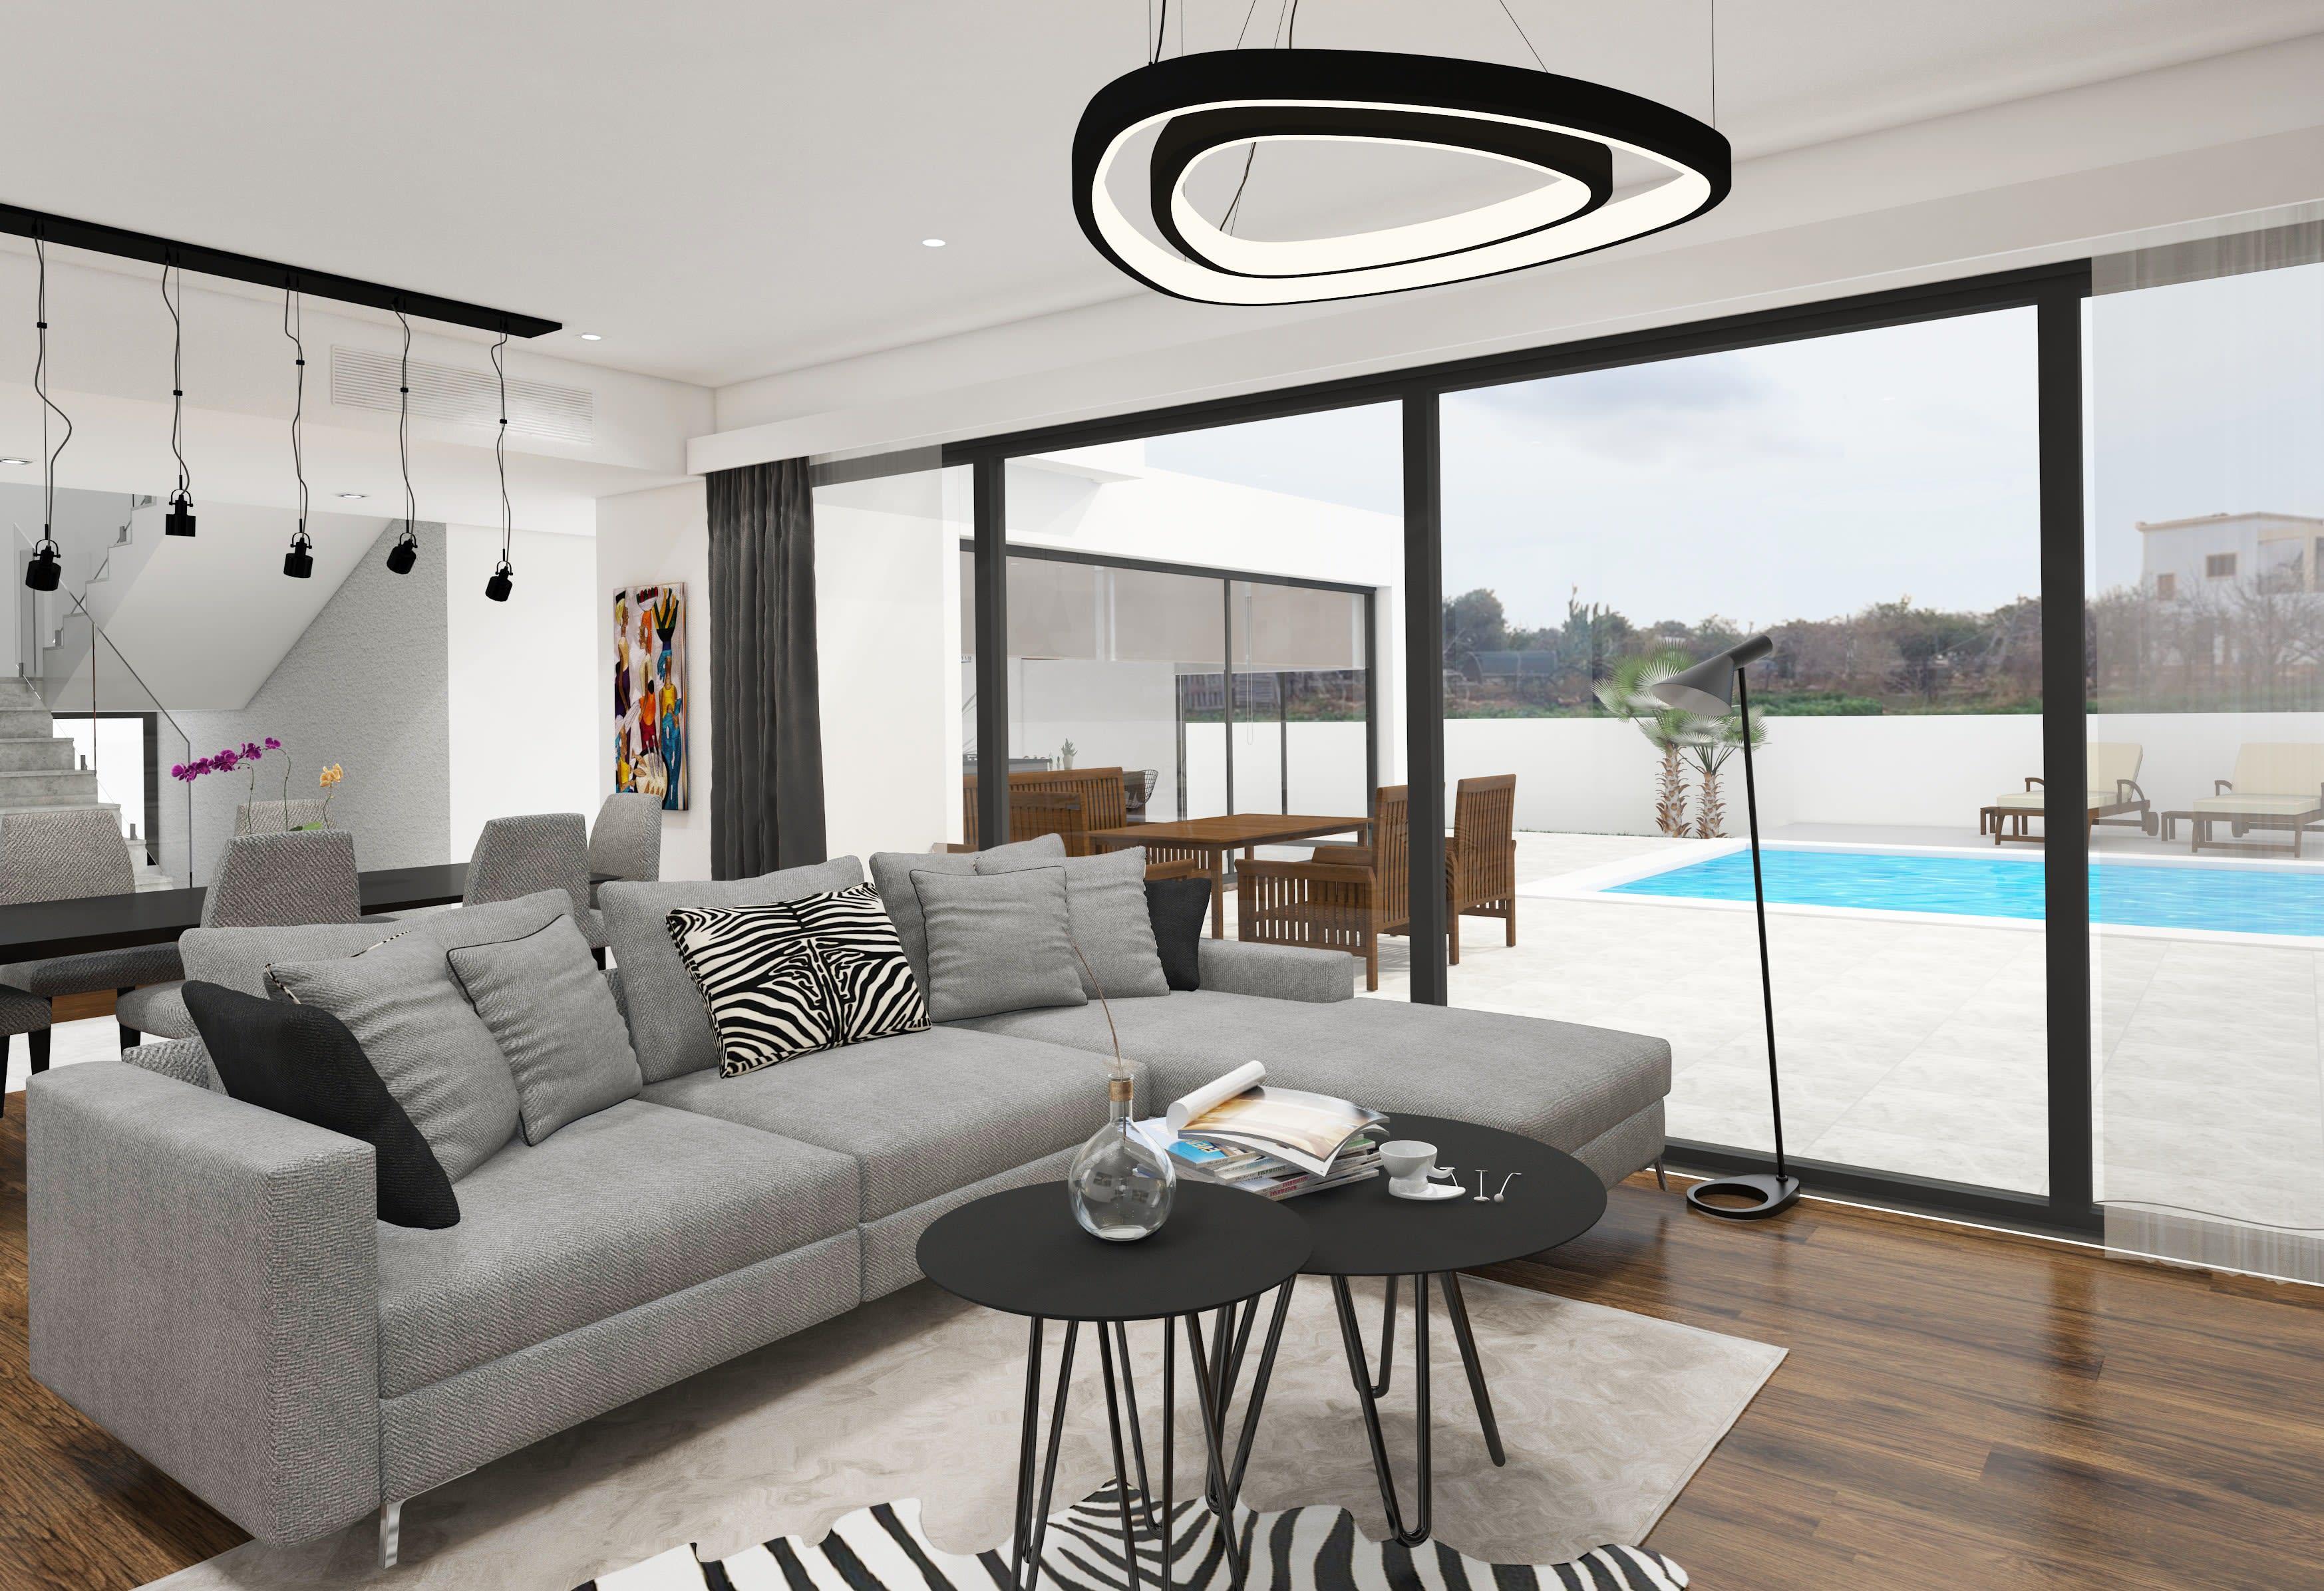 Çatalköy'de Satılık 4 Yatak Odalı ve Özel Havuzlu Lüks Villalar 7941